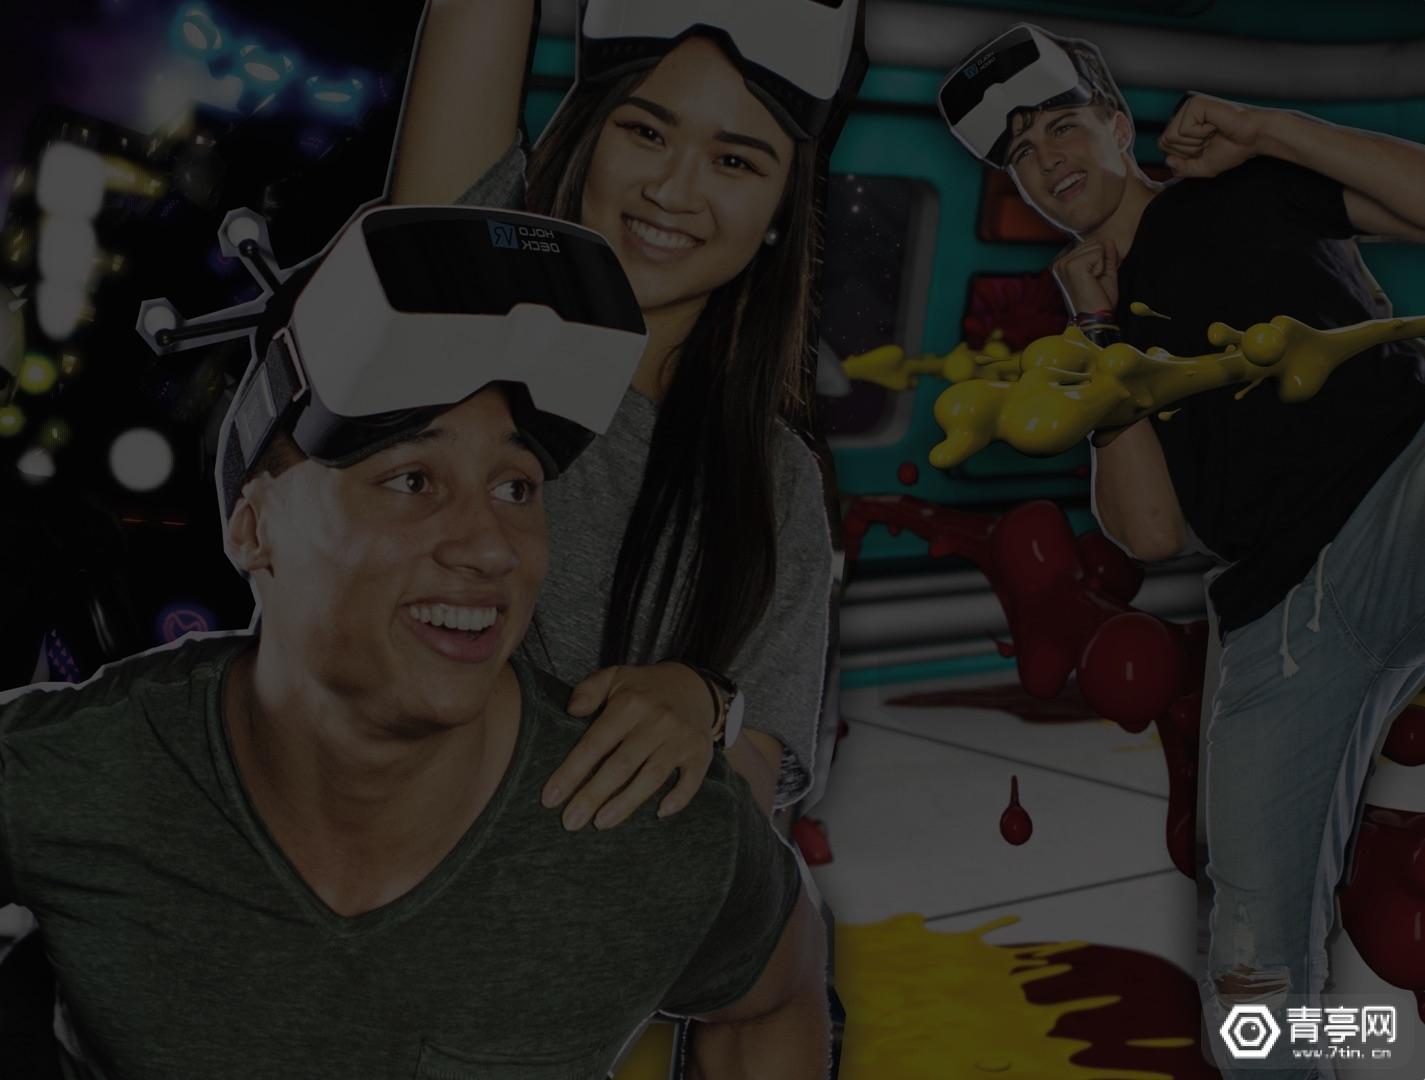 主打容纳20人VR线下解决方案,Holodeck VR获数百万欧元投资